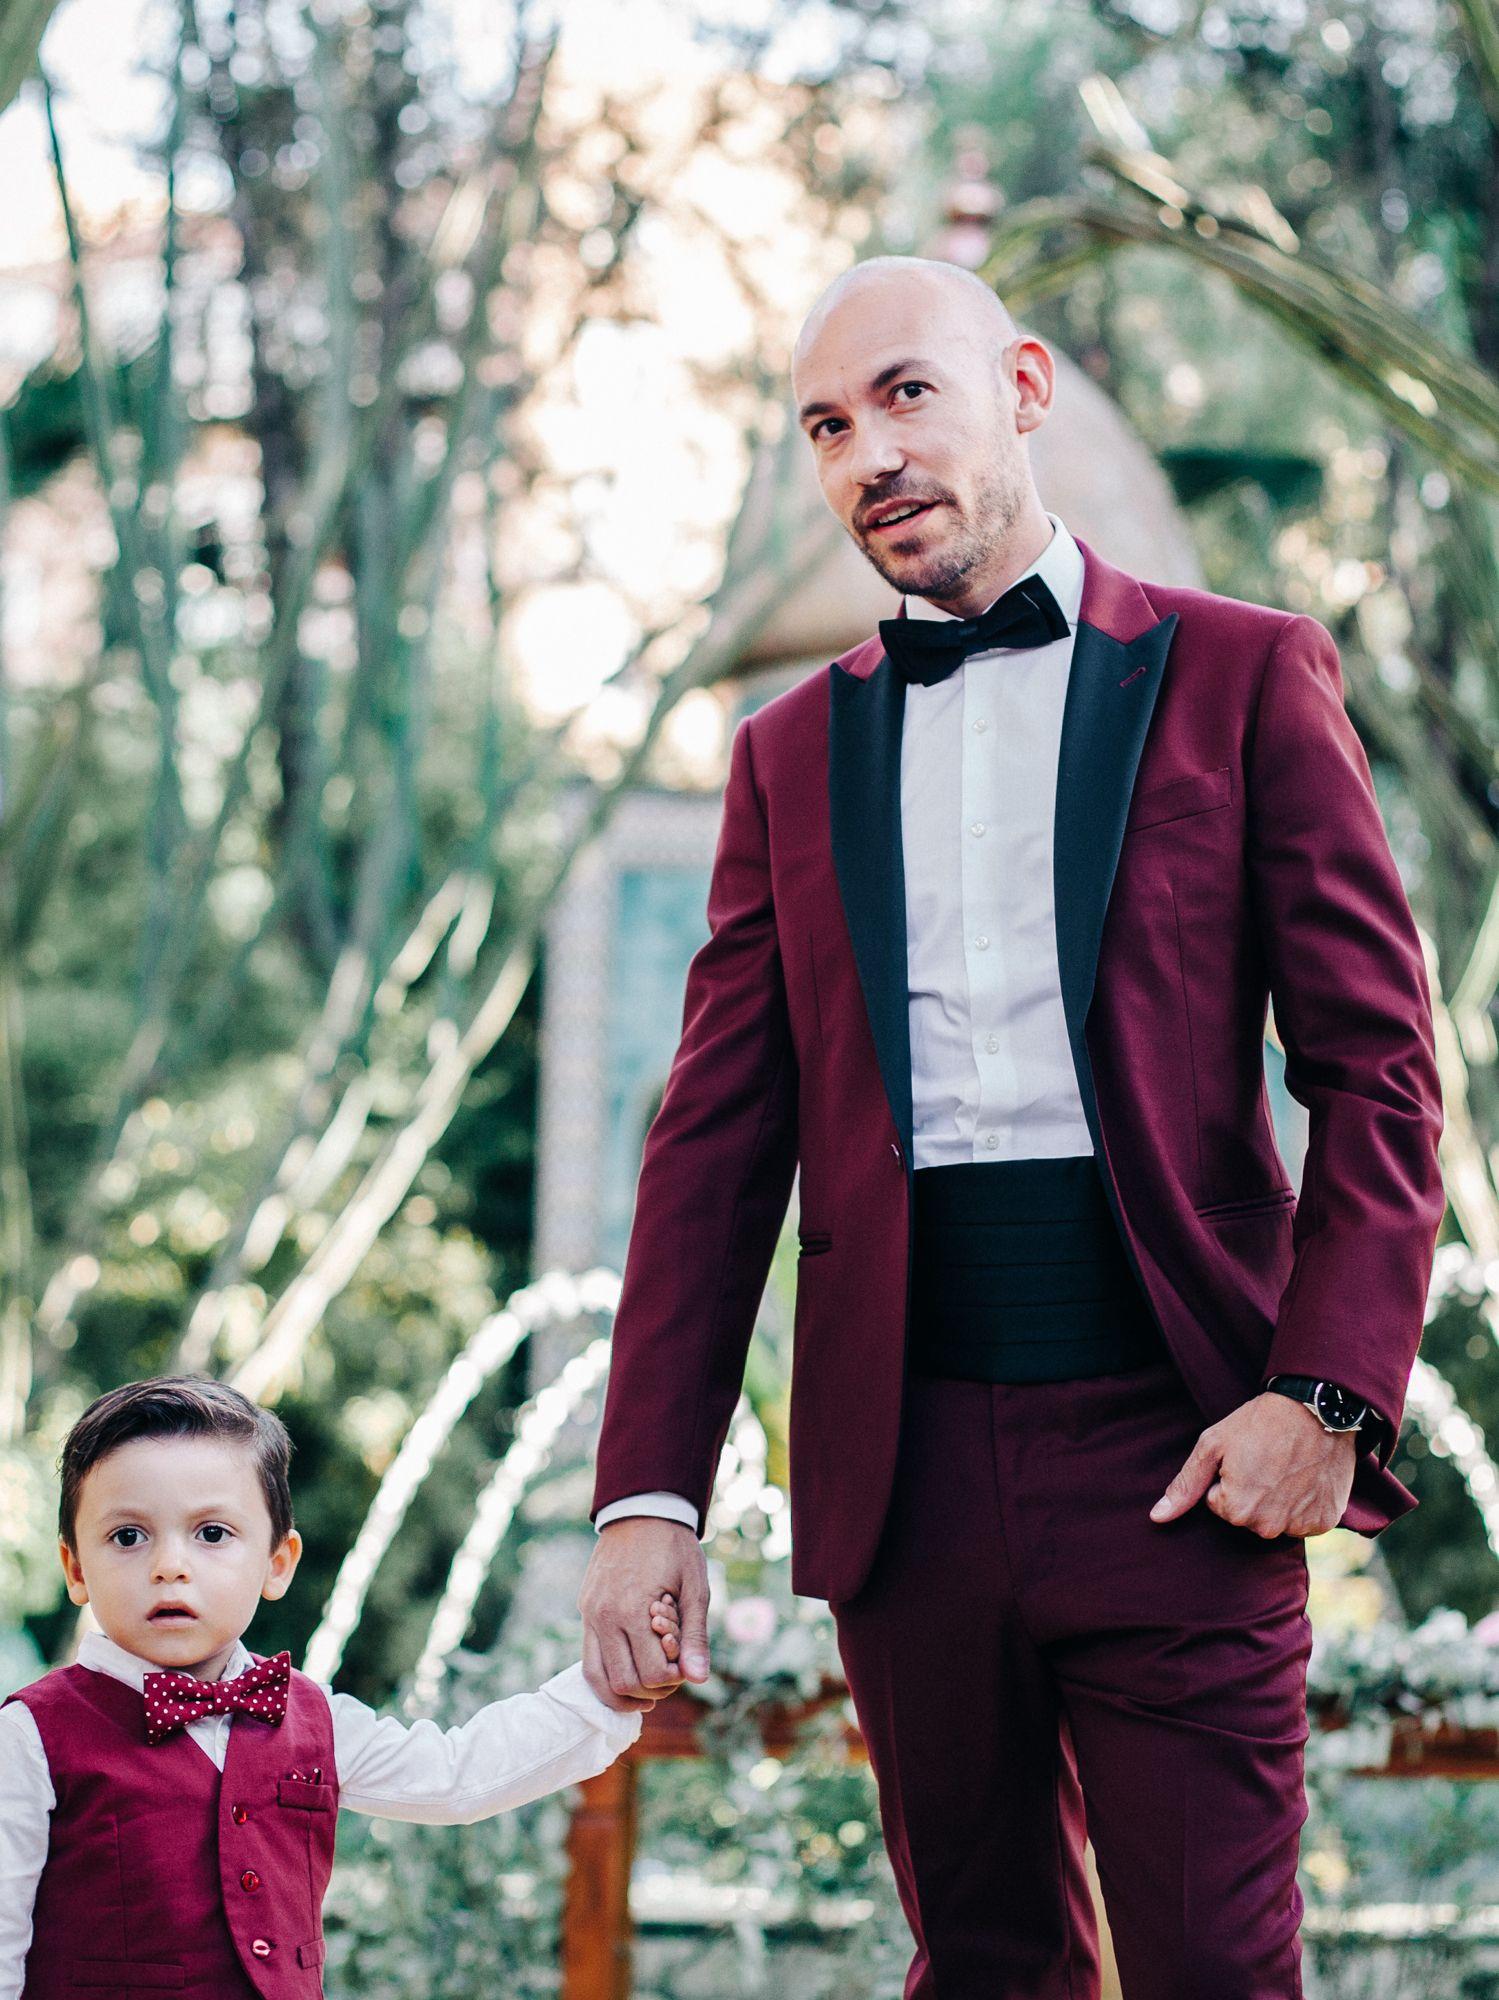 La boda de Amanda y Jorge en Villa Luisa 17